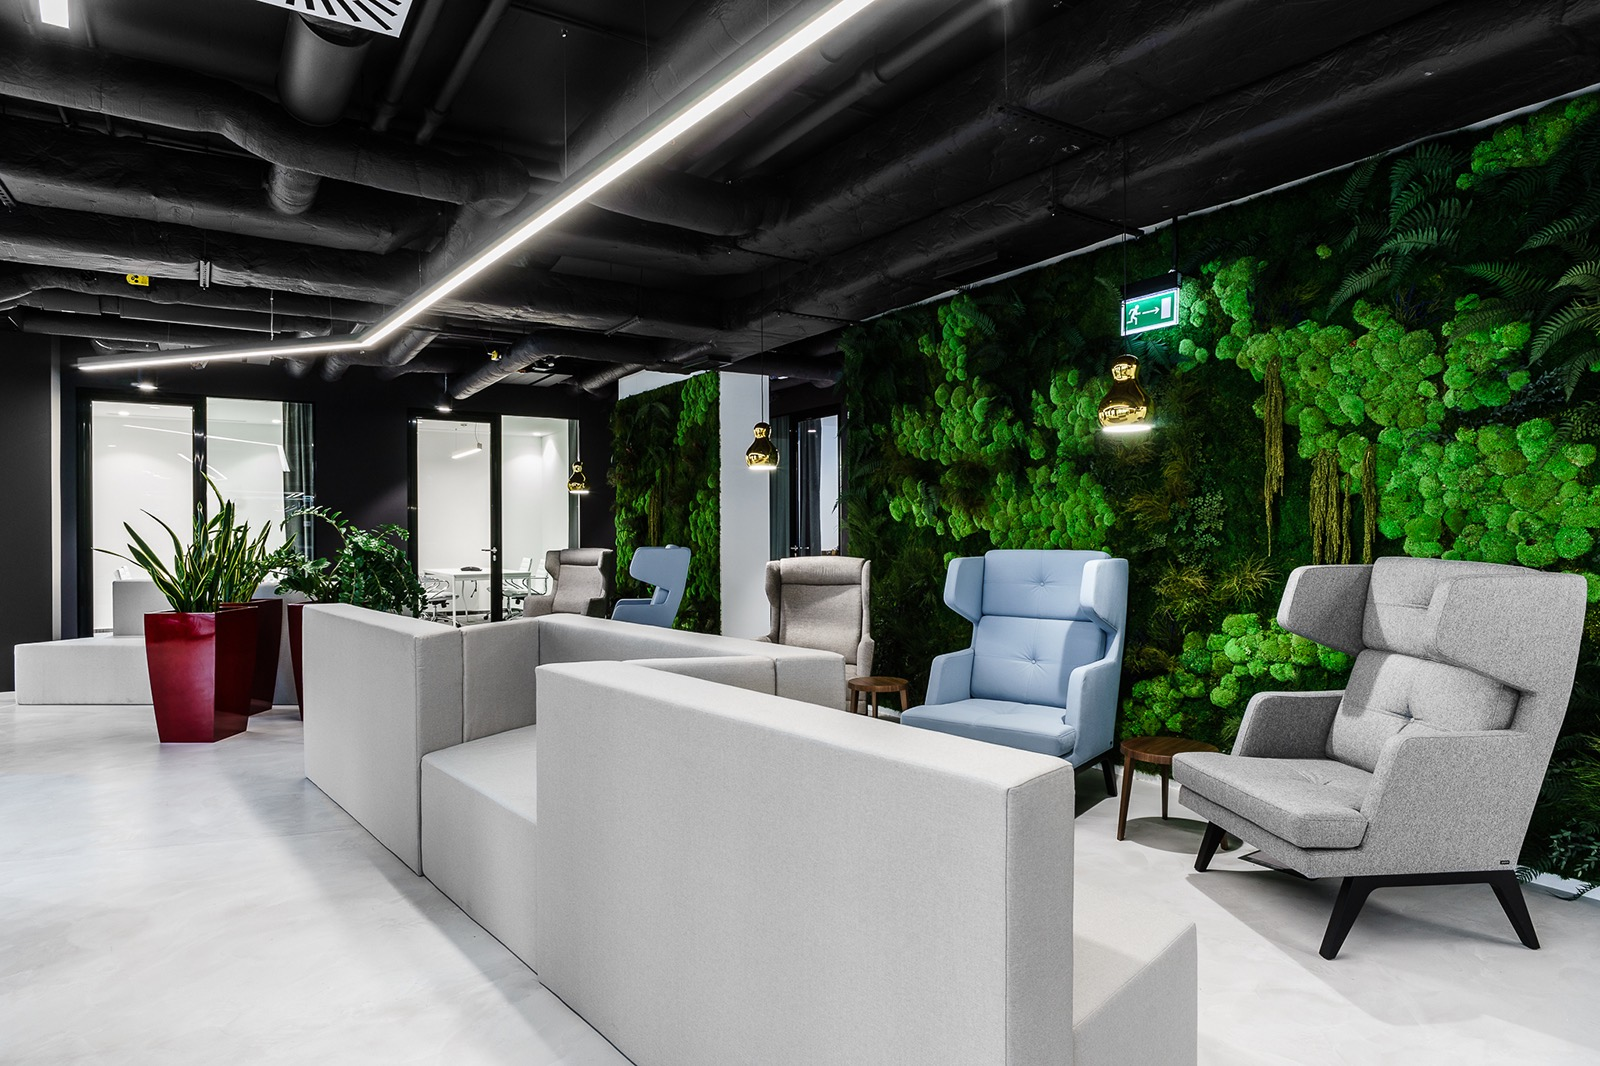 xl-catlin-office-2